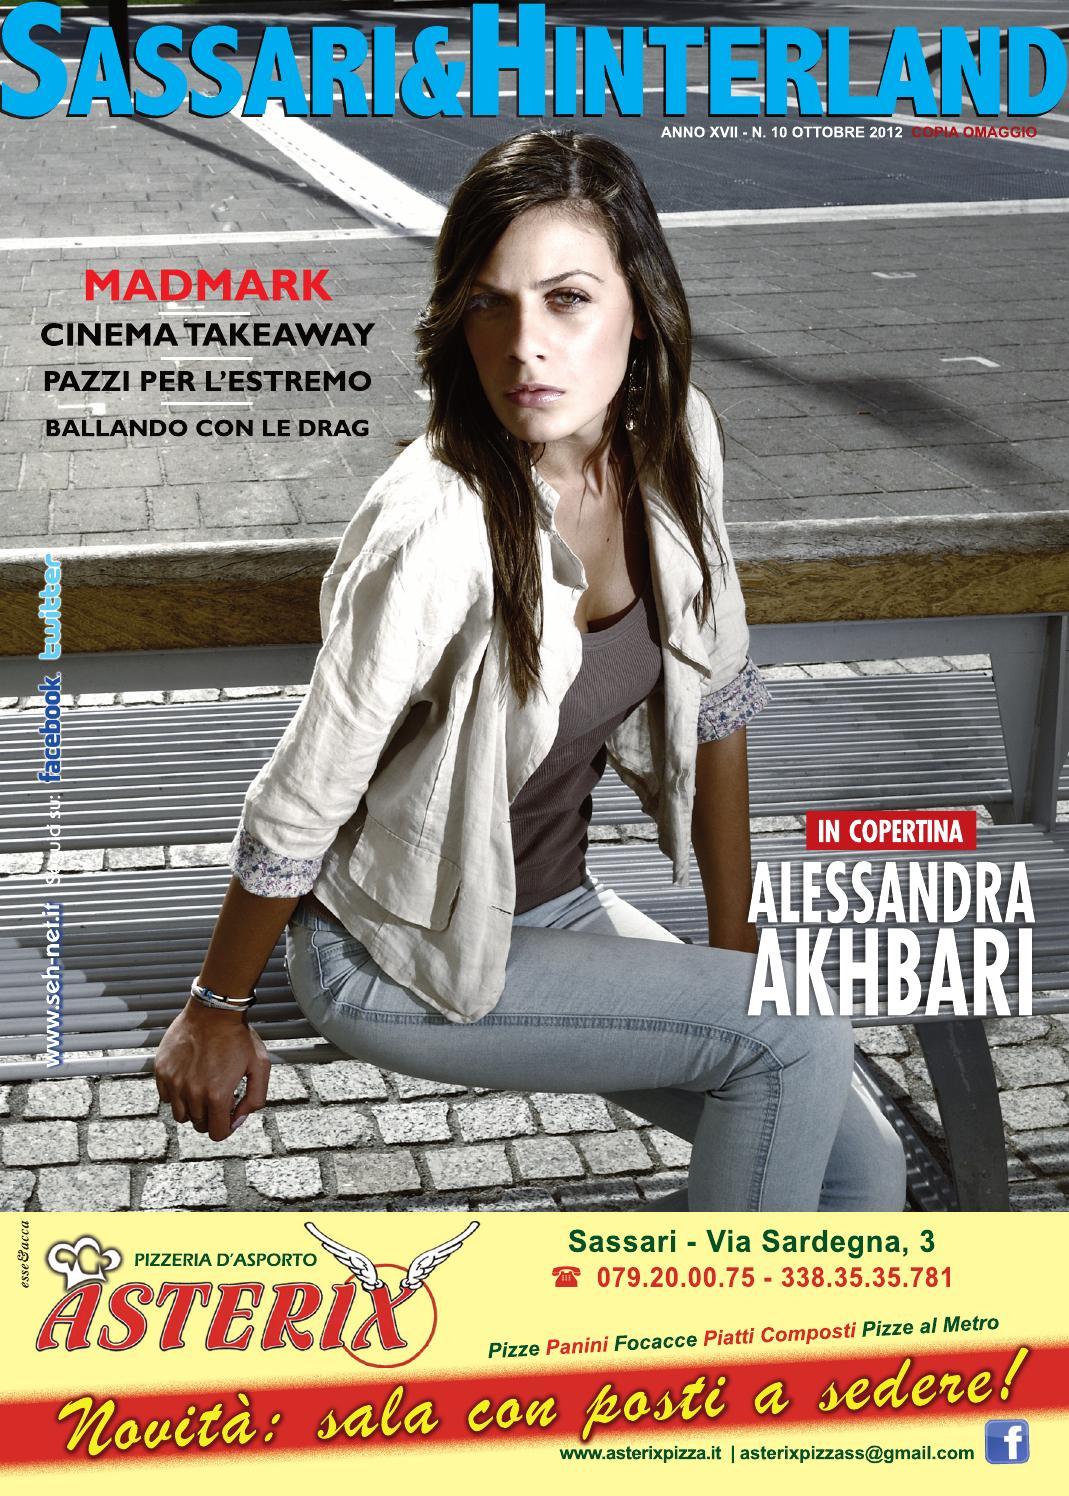 Sassari & Hinterland - Ottobre 2012 by S&H Magazine - issuu